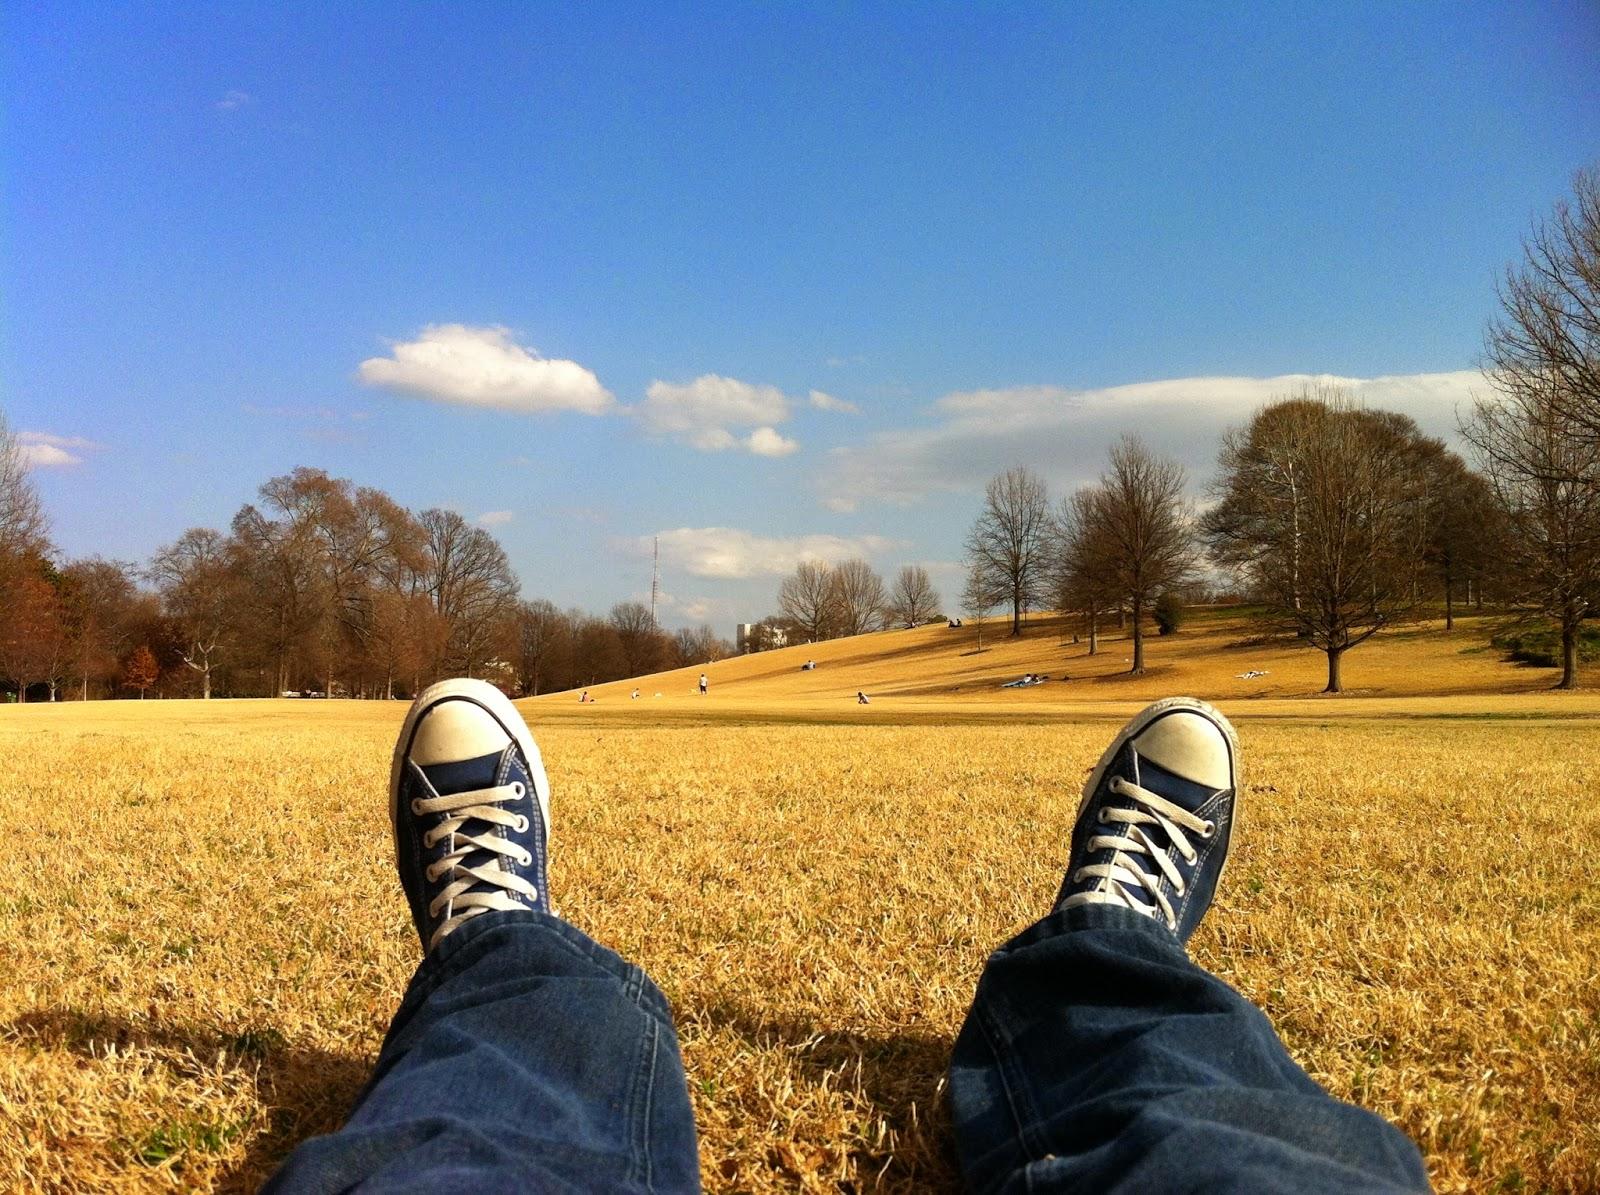 Zwei Beine mit Turnschuhen auf einem Feldboden liegend